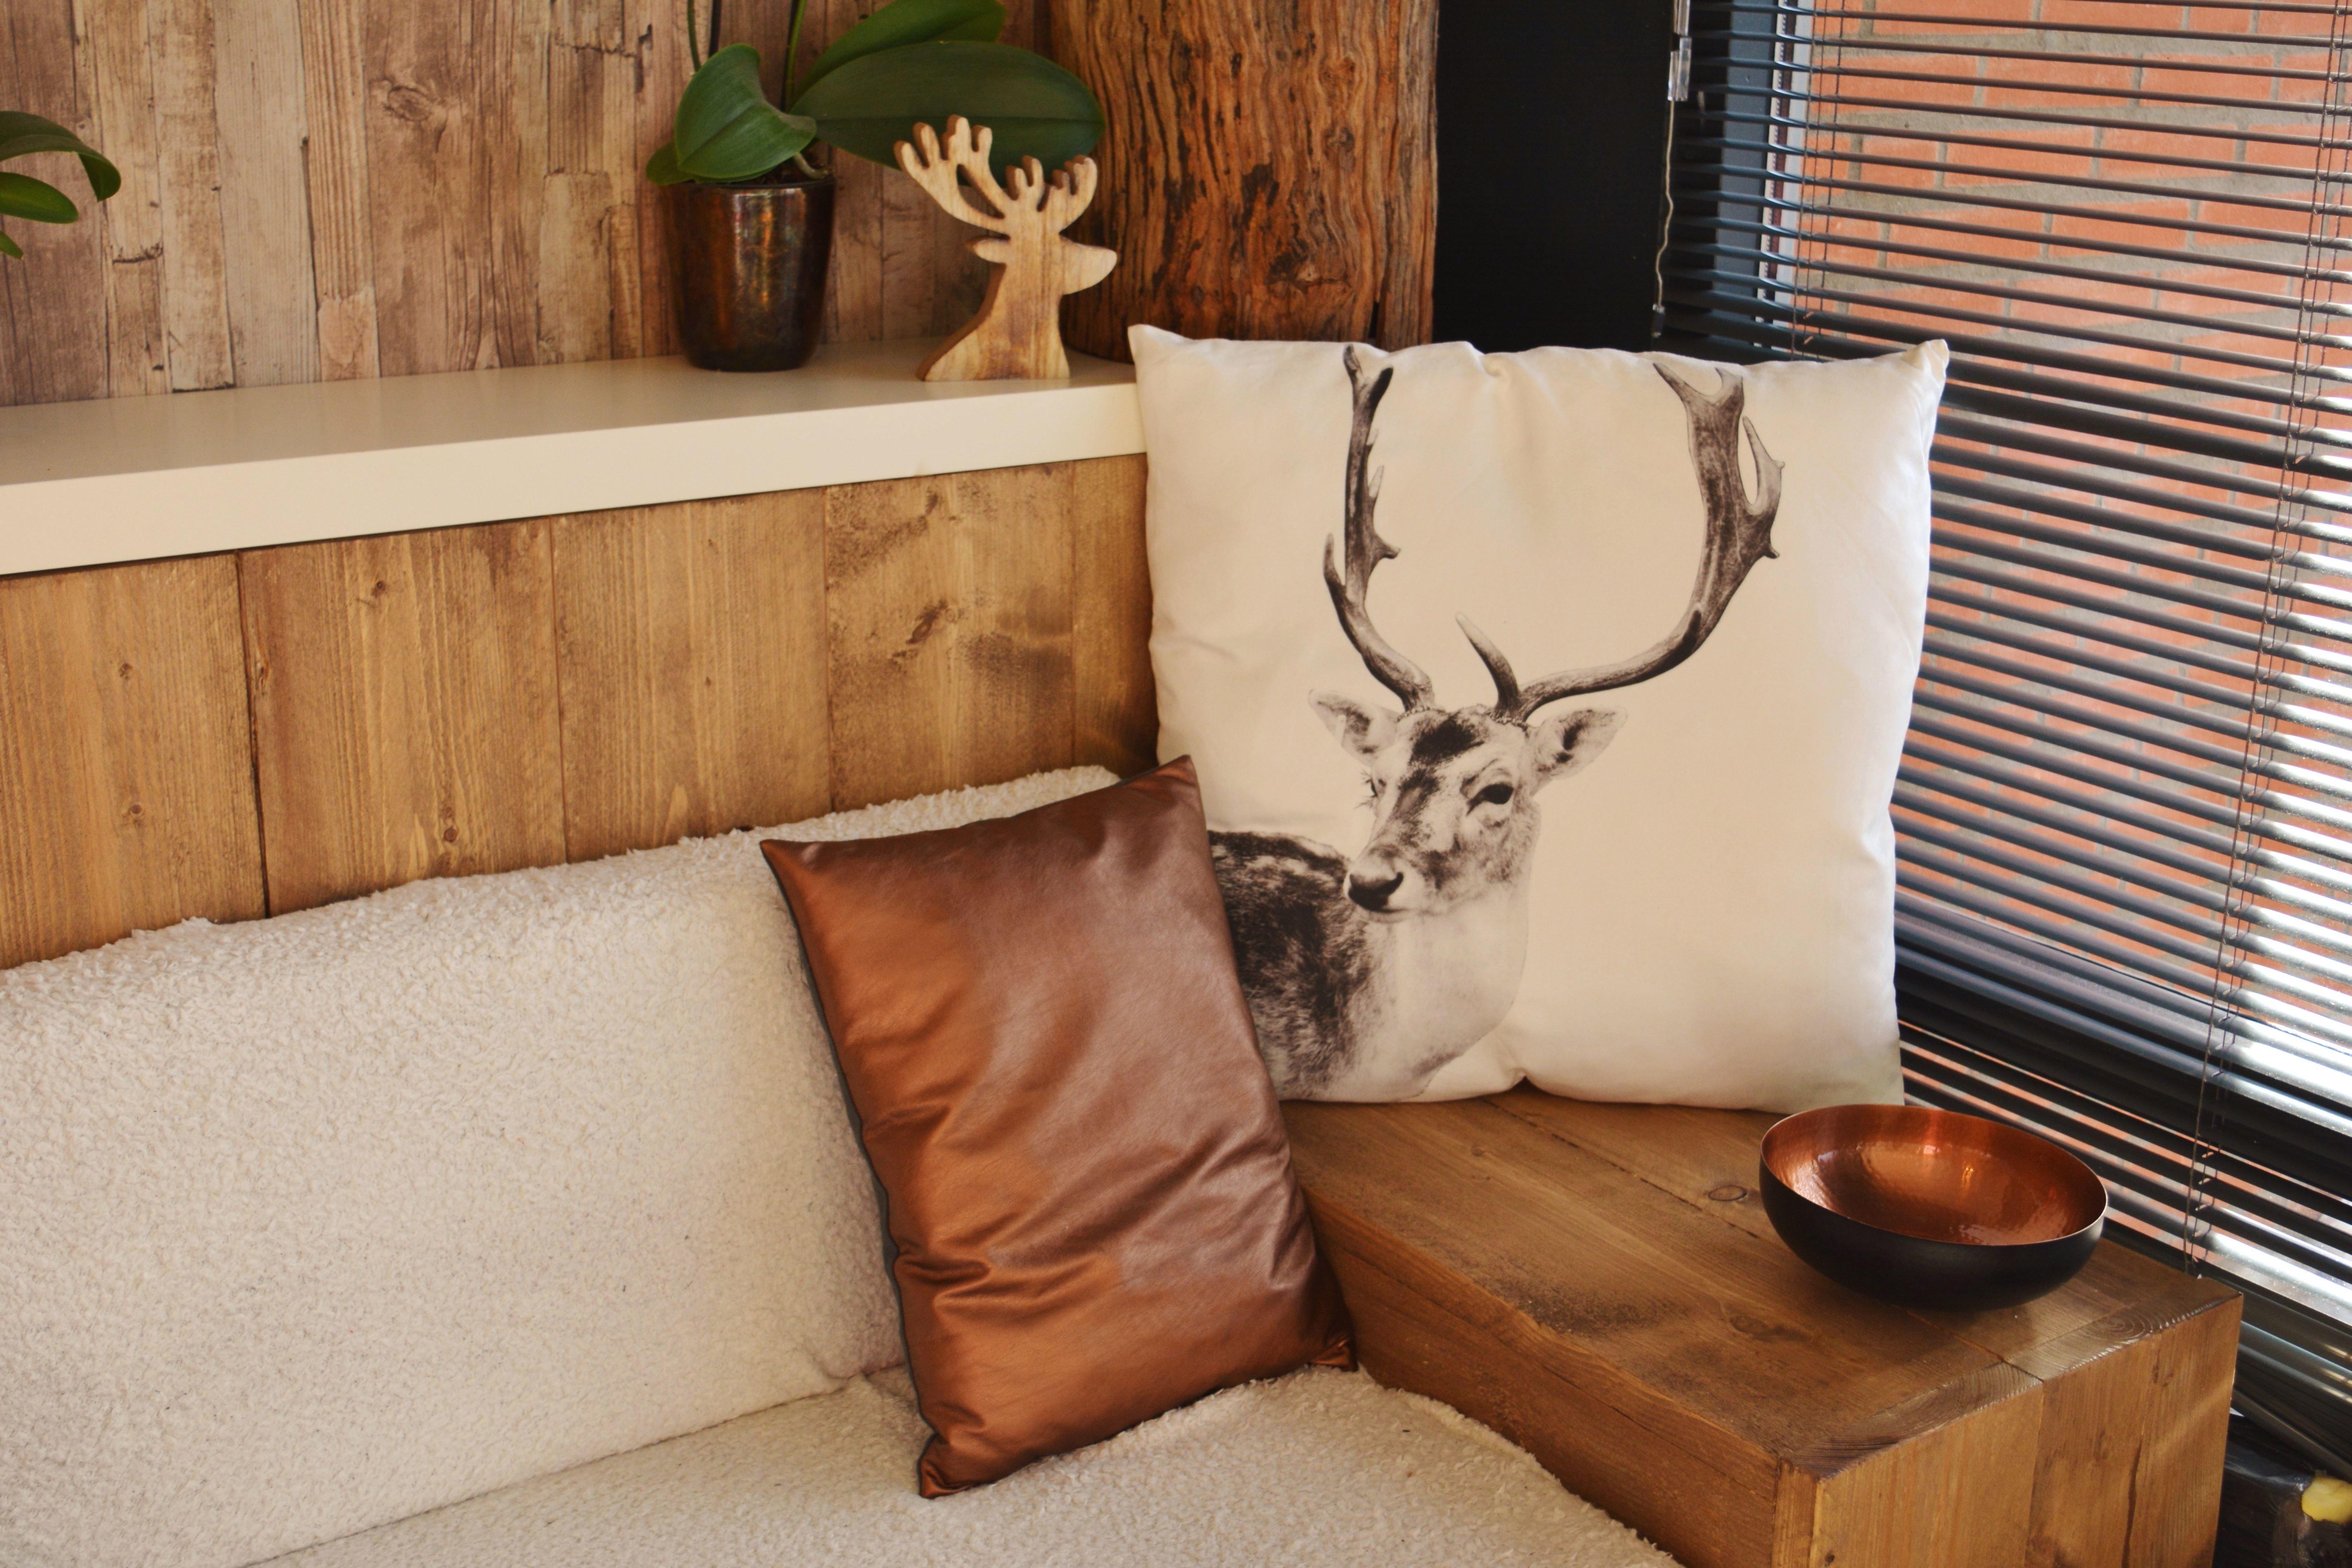 Foto gratis: parete di legno, Appartamento, architettura, atmosfera ...